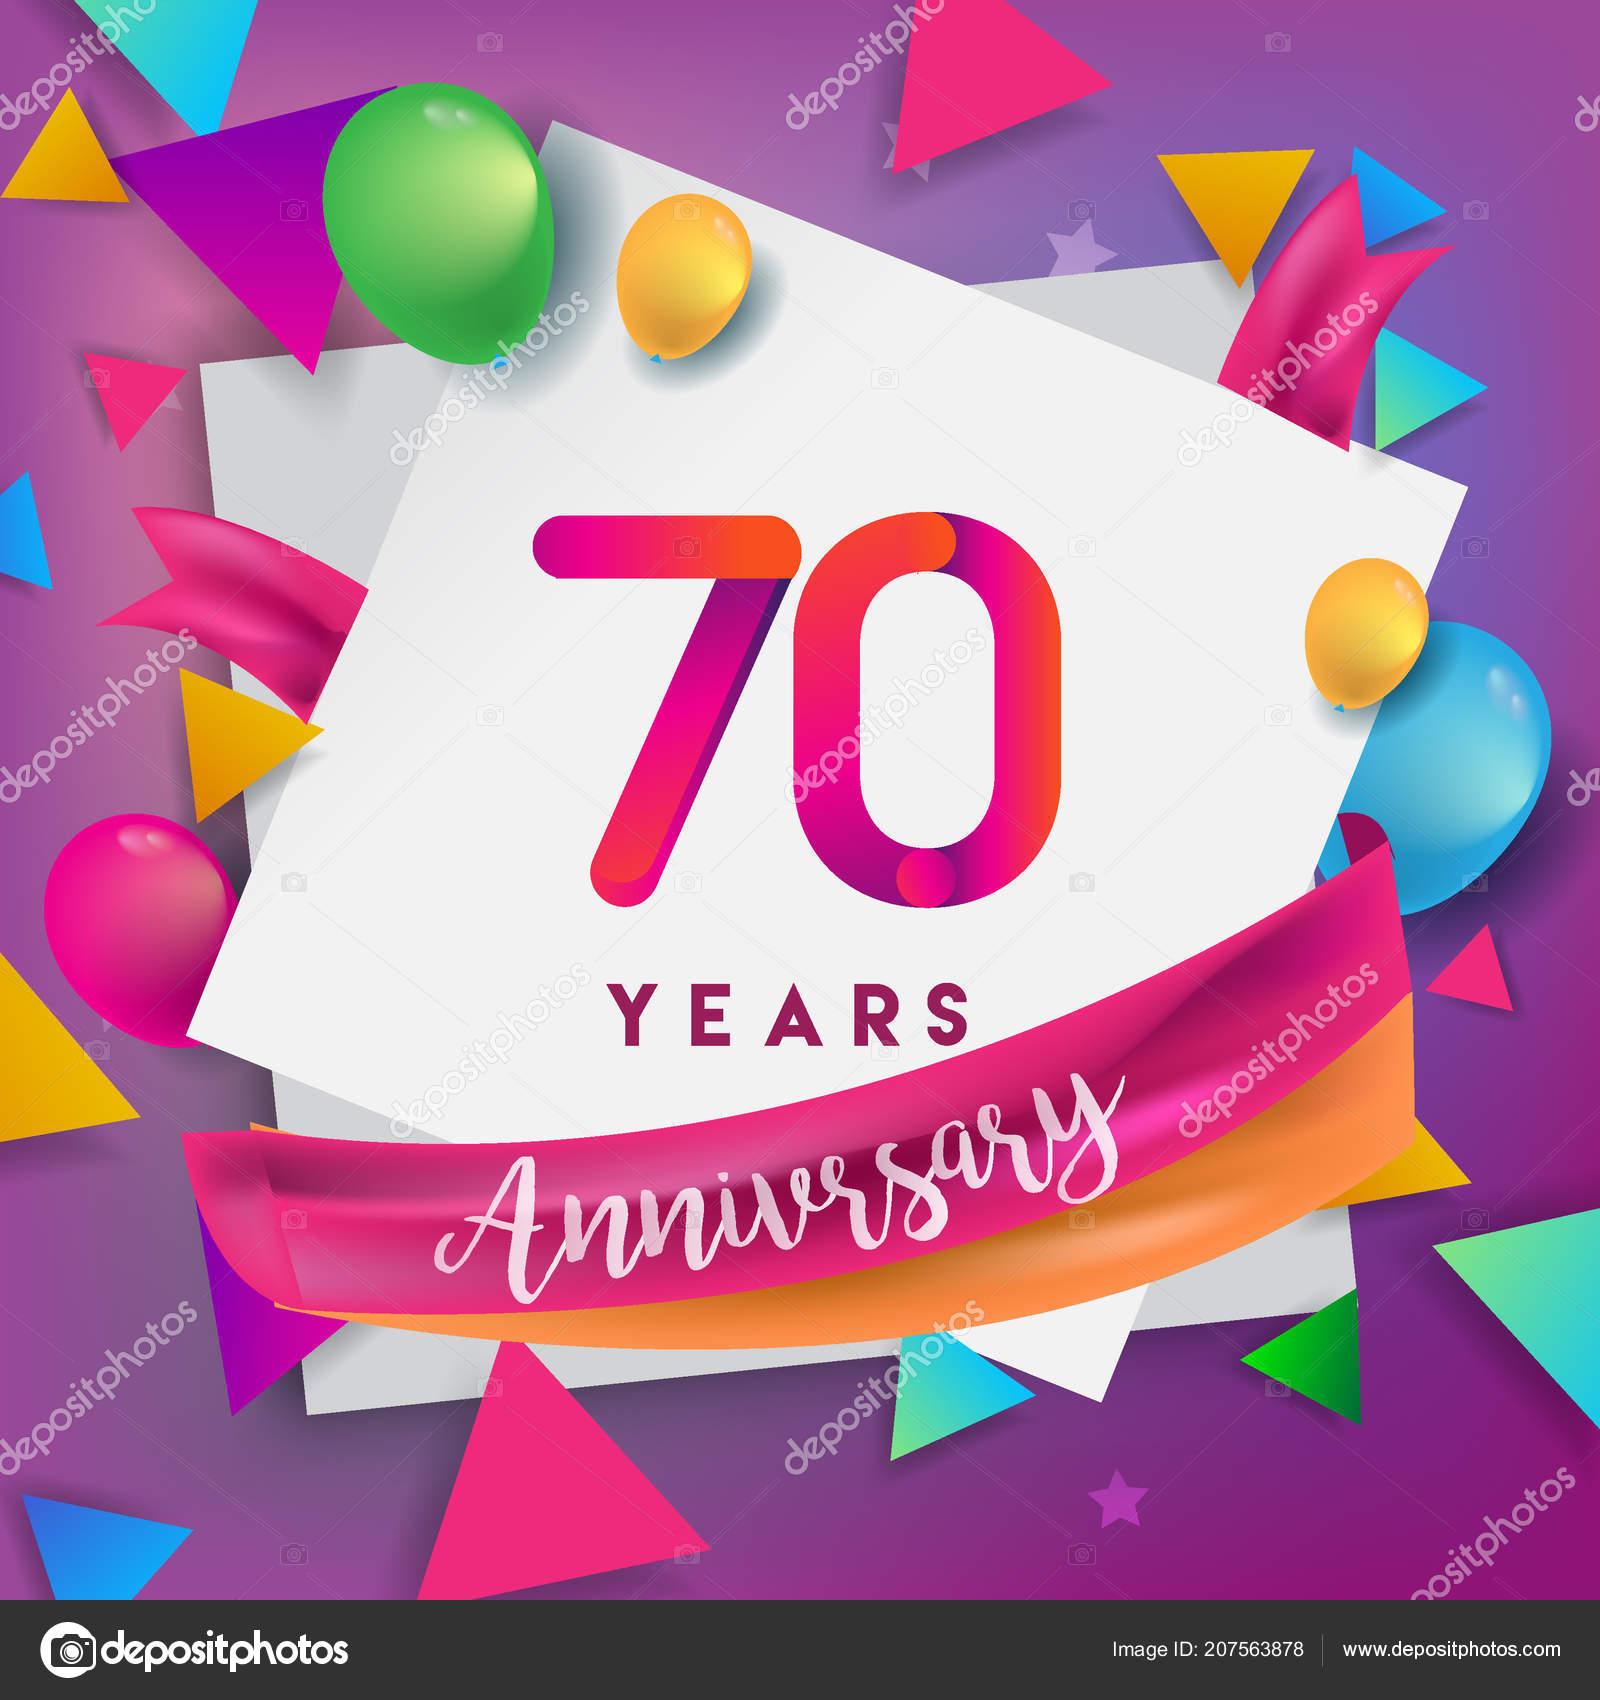 Años Diseño Celebración Del Aniversario Globos Cinta Diseño